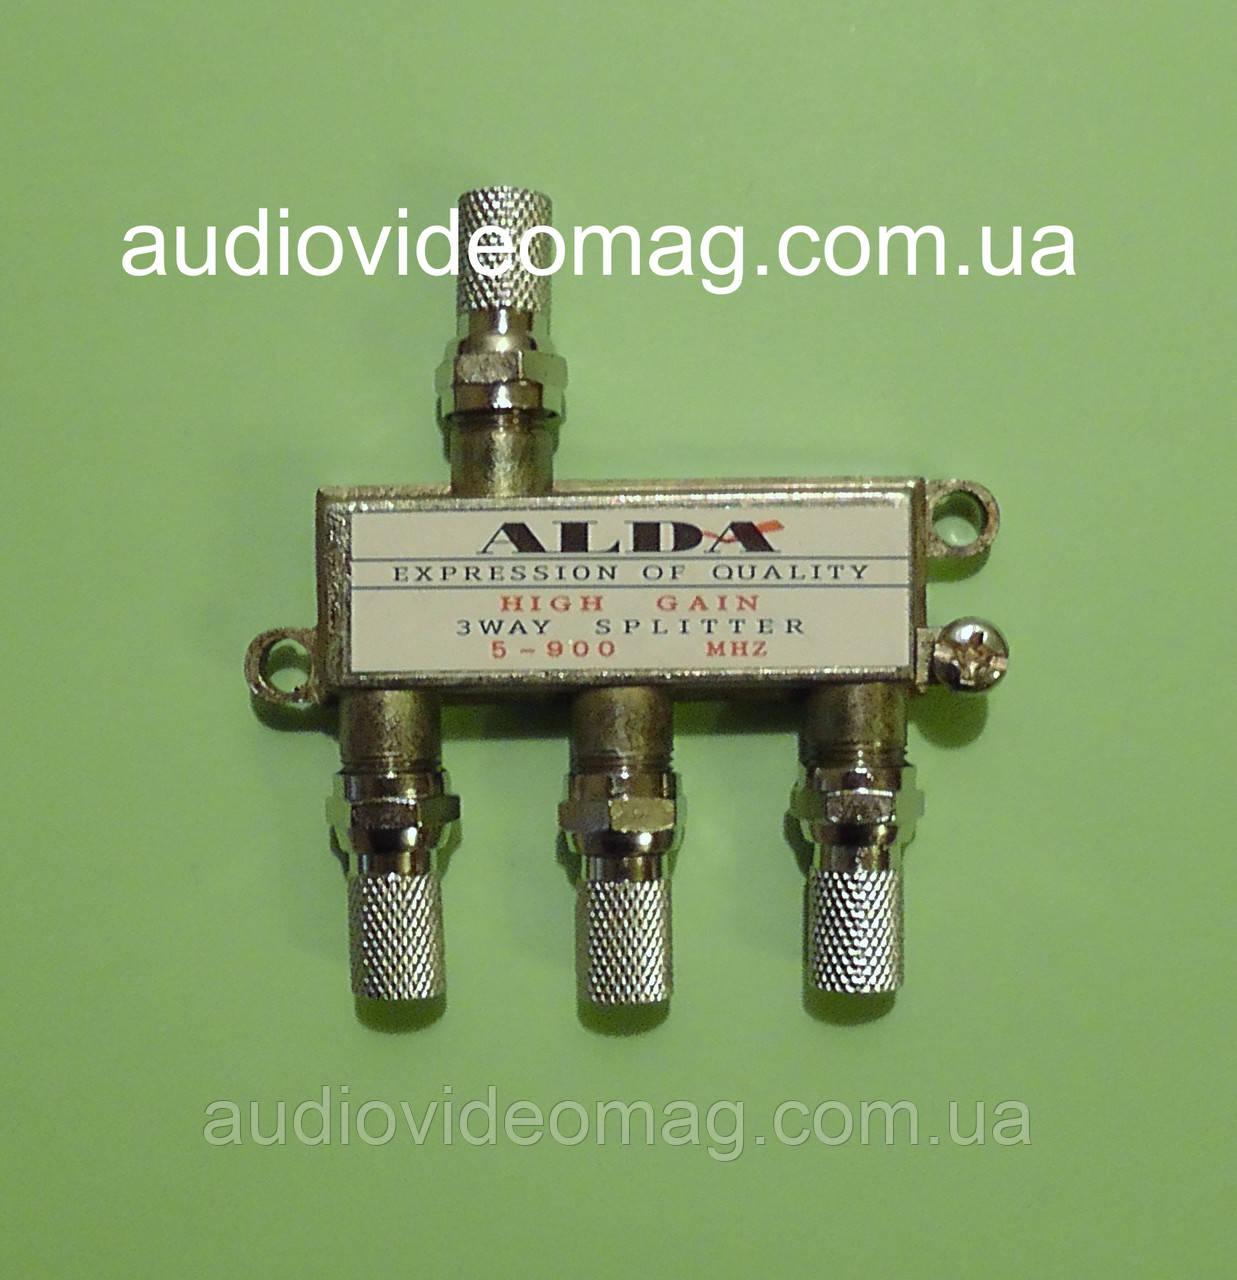 Сплітер, антенний разветвитель ALDA на 3 телевізора ТБ з гайками